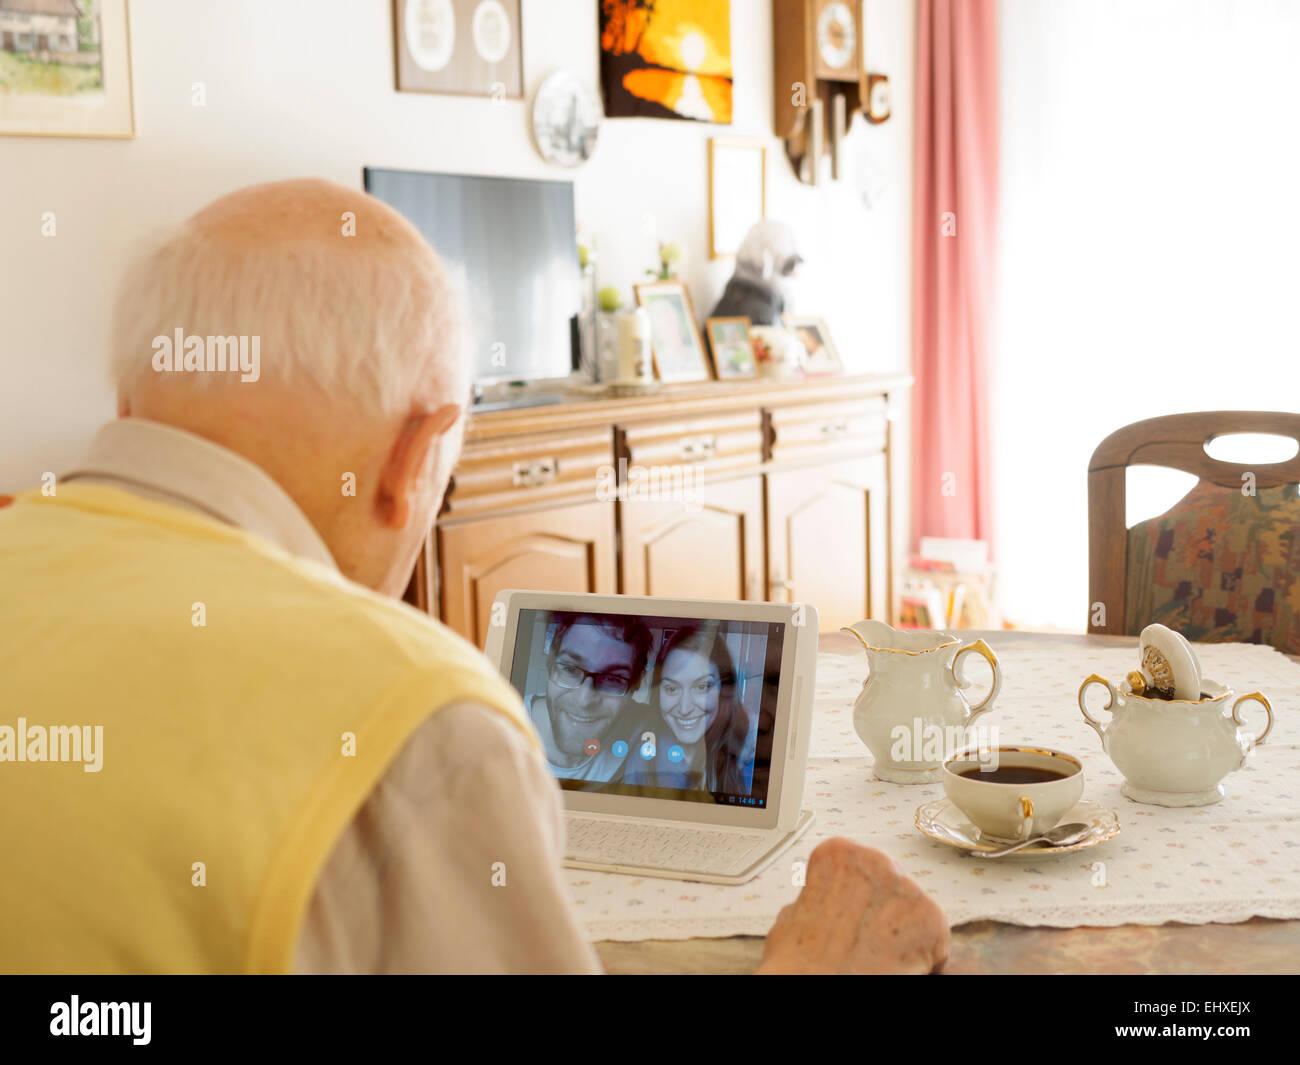 Nonno la videoconferenza con i nipoti via digitale compressa Immagini Stock